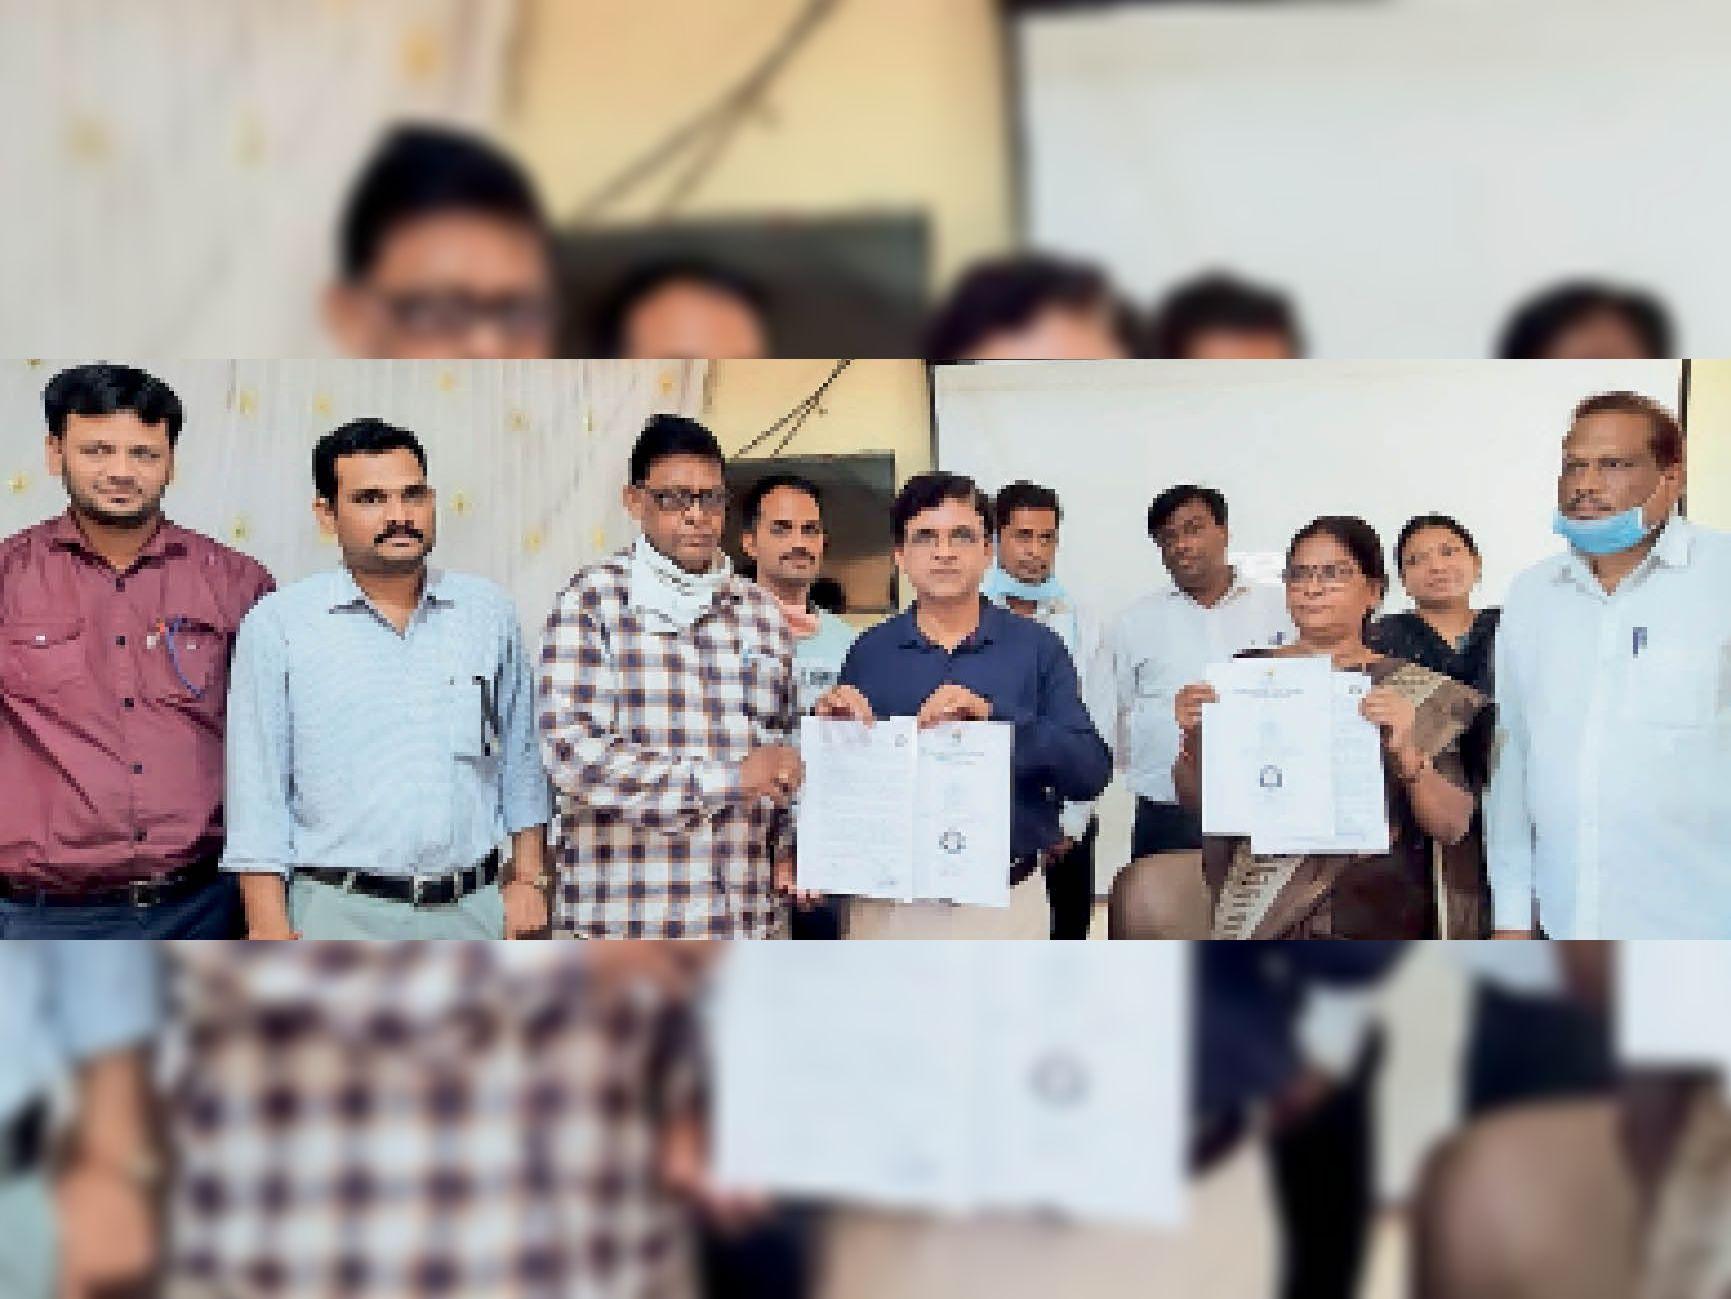 कार्यक्रम में उपस्थित प्रोफेसर और अतिथि। - Dainik Bhaskar